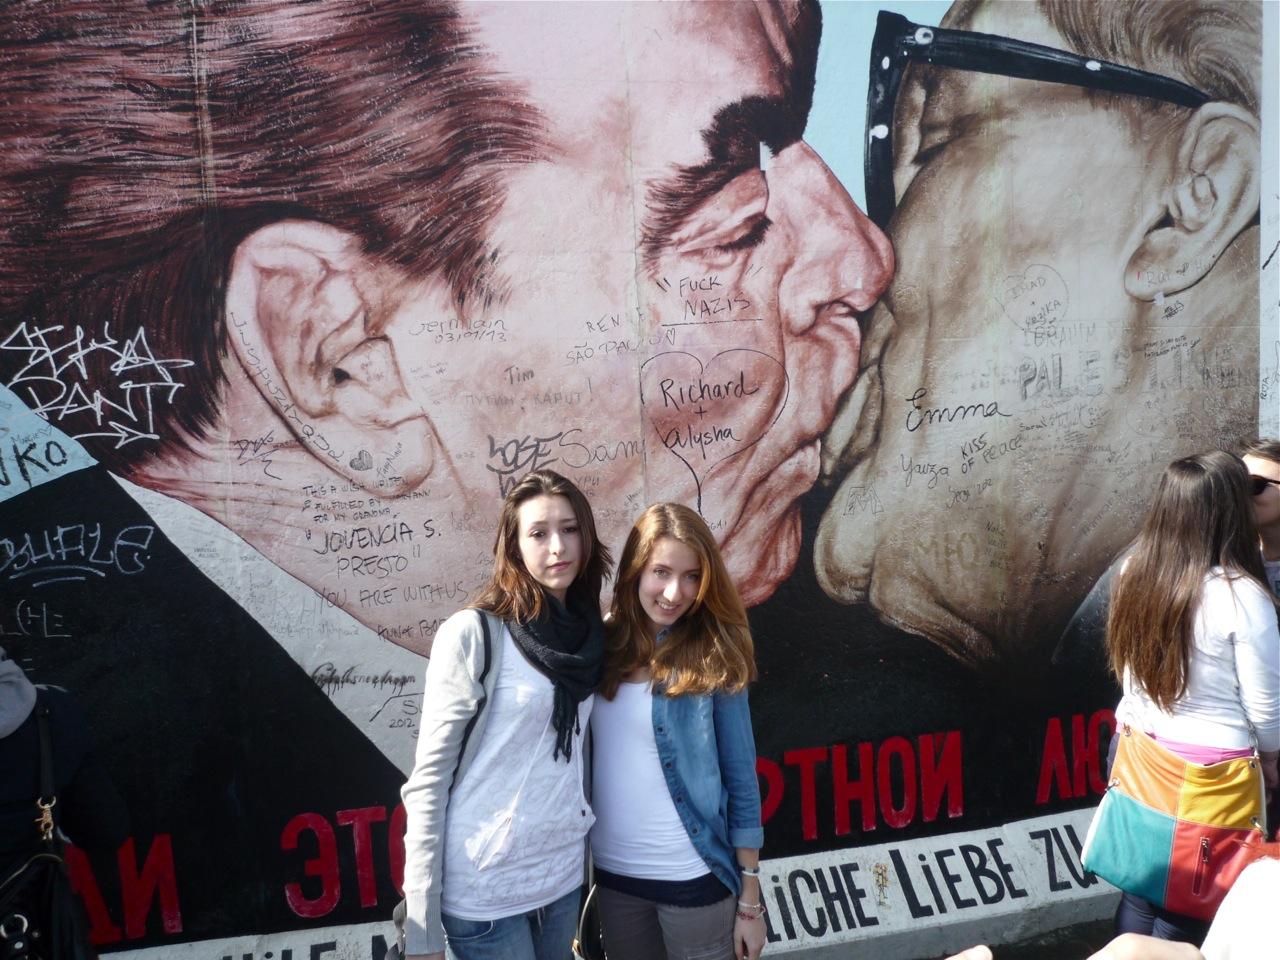 """Et af de mest kendte motiver i East Side Gallery er """"Bruderkuss"""", der viser Leonid Bresjnev og Erich Honecker i et heftigt kys. Billedet er malet af den russiske kunstner Dmitri Wladimirowitsch Wrubel."""